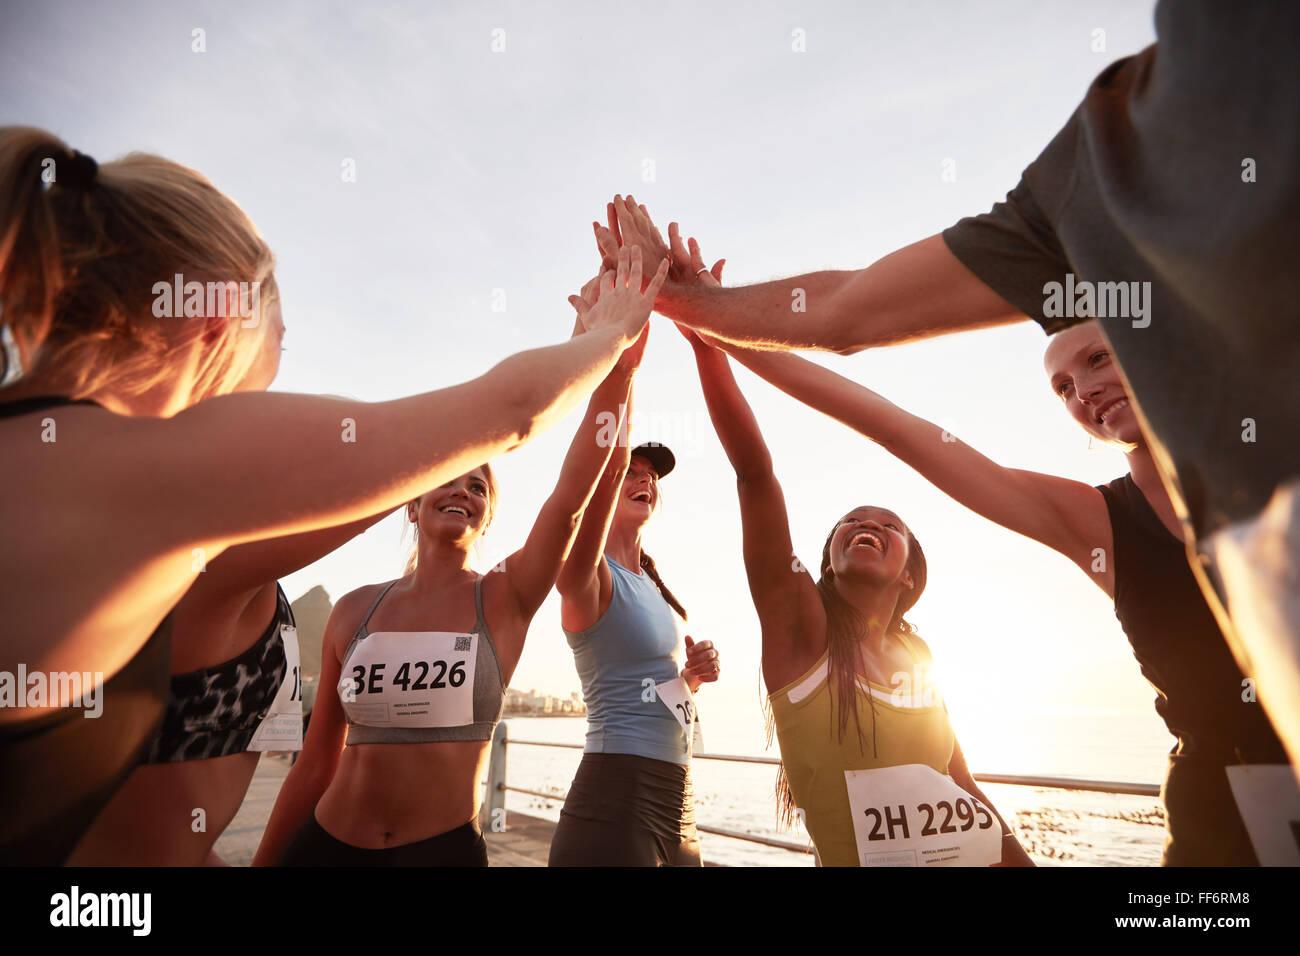 Läufer hohe Fiving einander nach einer guten Schulung. Gruppe von Athleten geben sich gegenseitig hoch fünf Stockbild